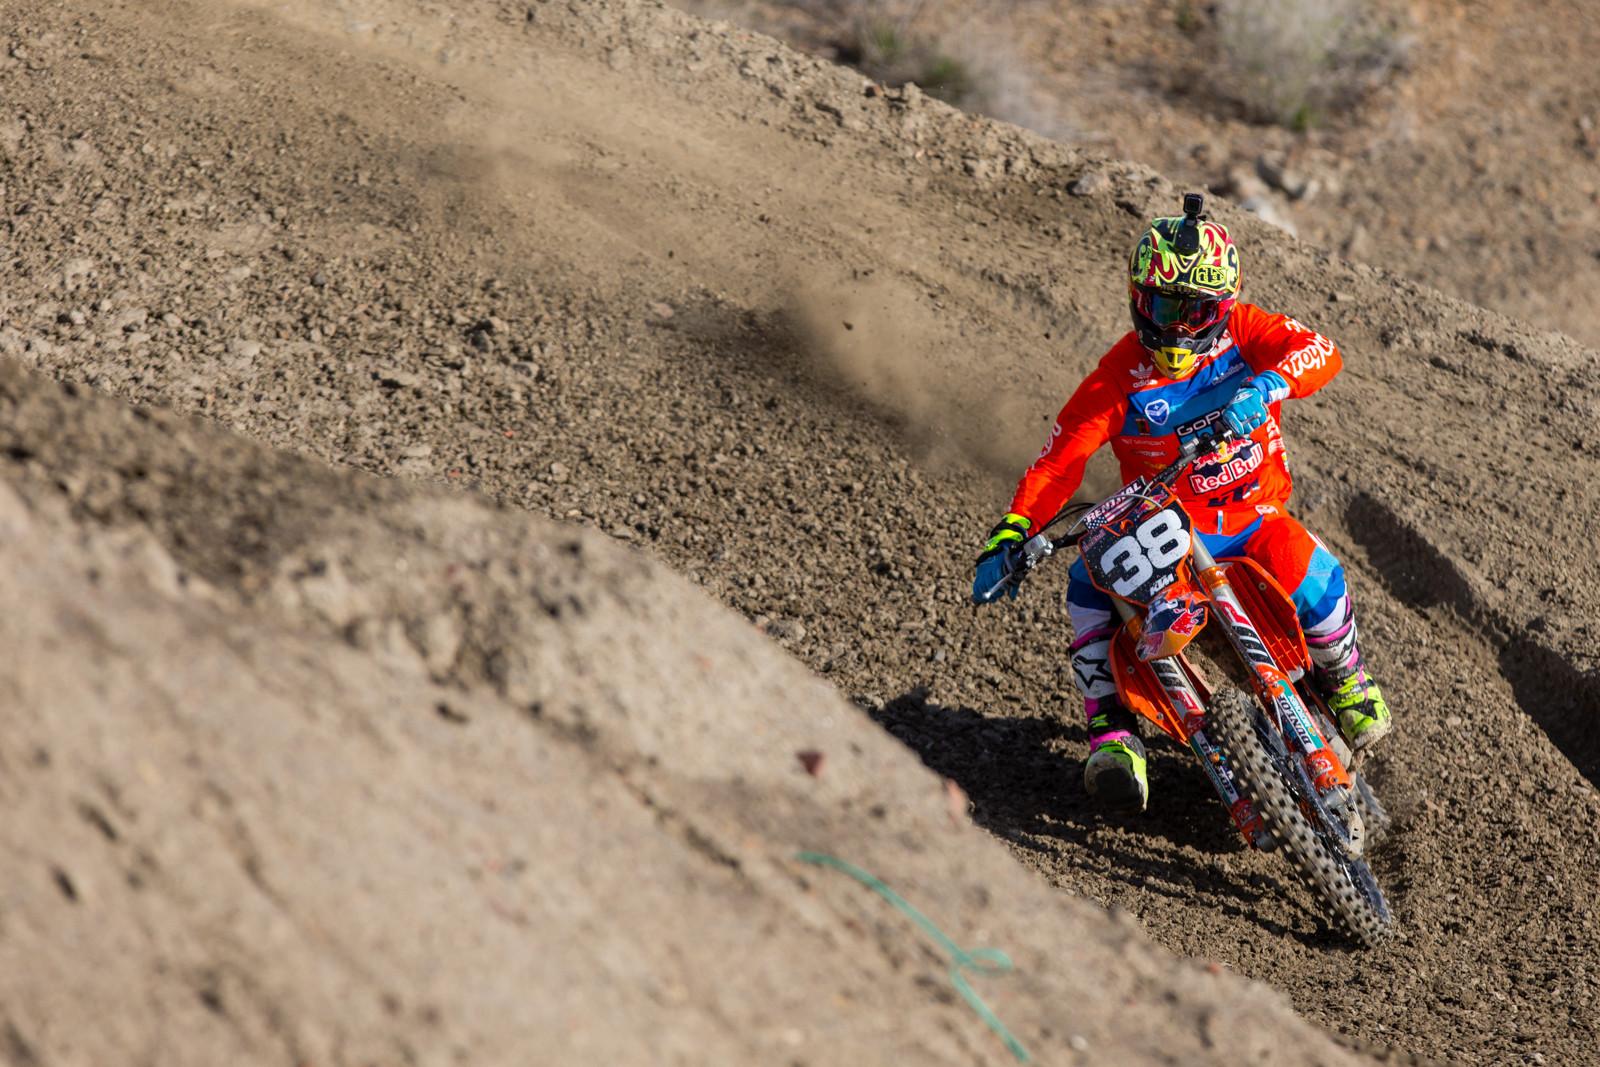 Shane McElrath - Supercross 2017: Prepping for Oakland - Motocross Pictures - Vital MX